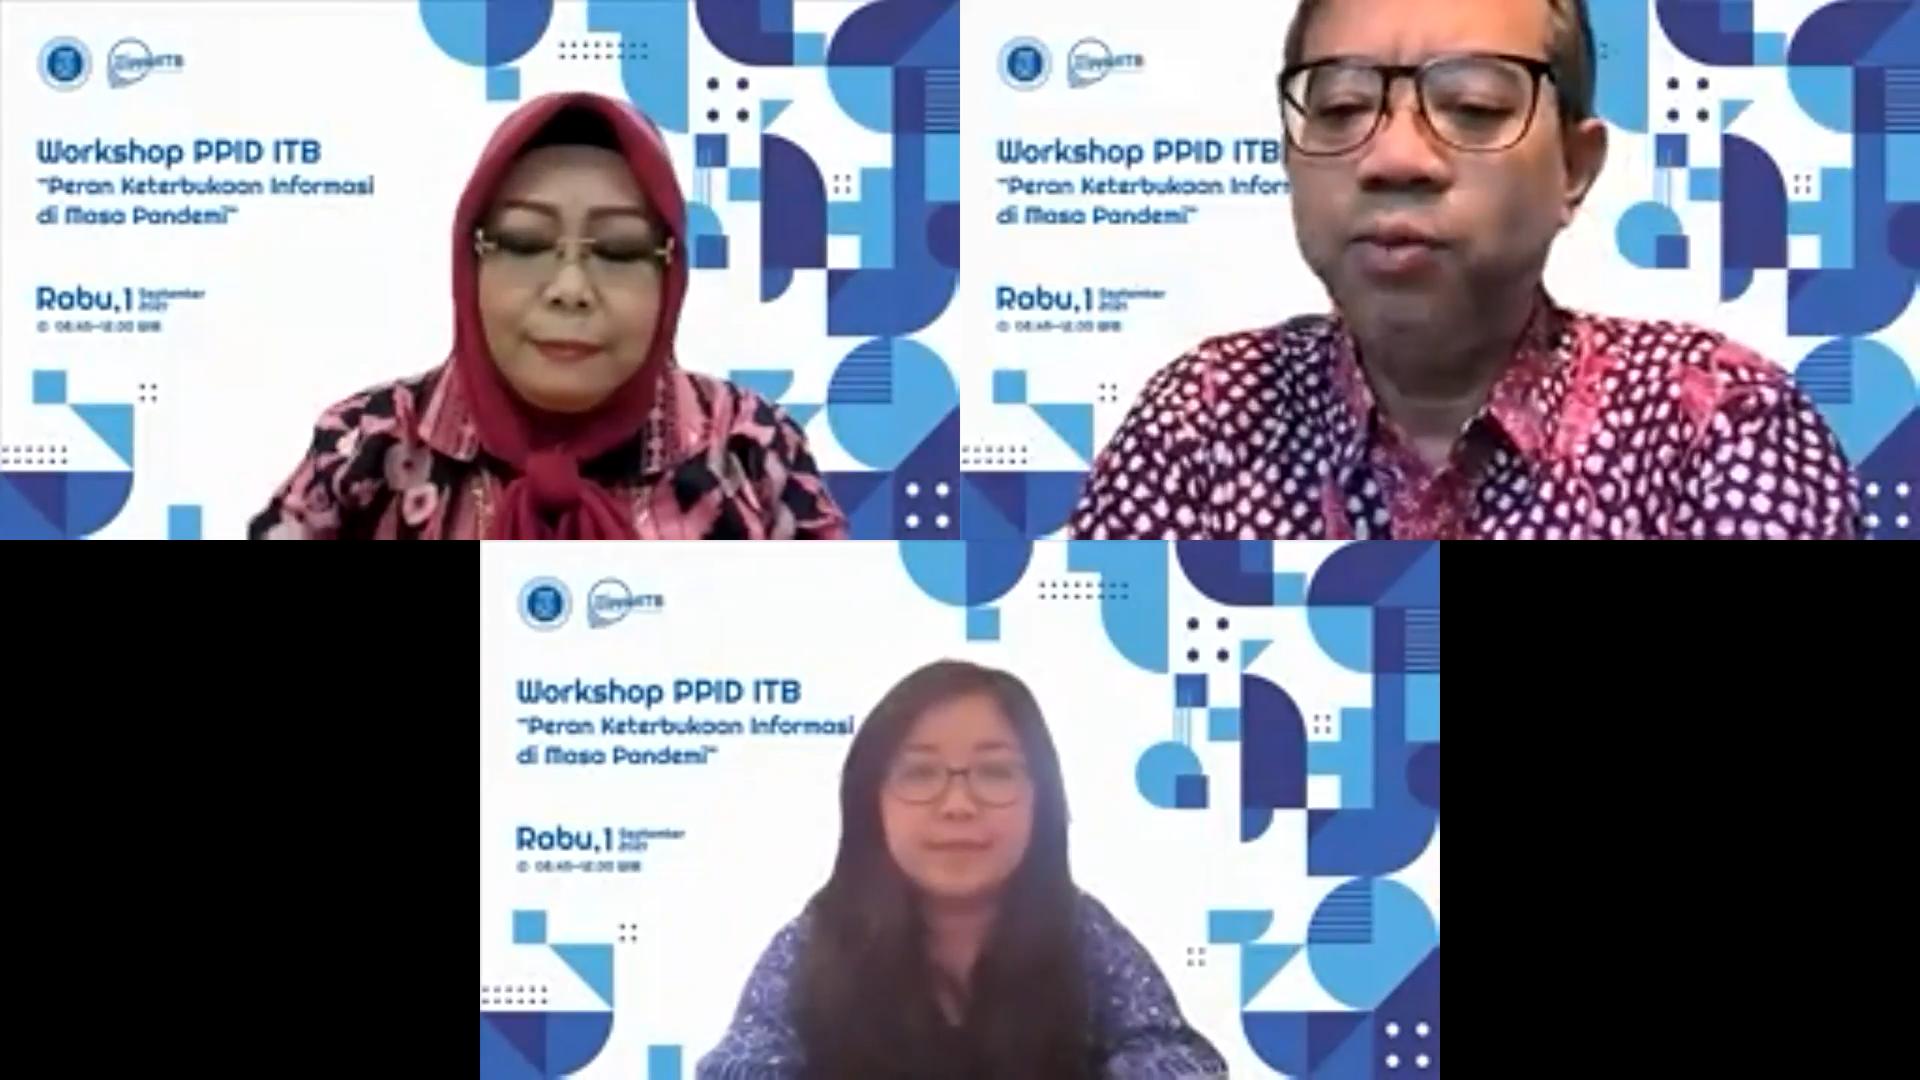 Workshop PPID ITB: Digitalisasi Jadi Kunci Keterbukaan Informasi Publik di Masa Pandemi